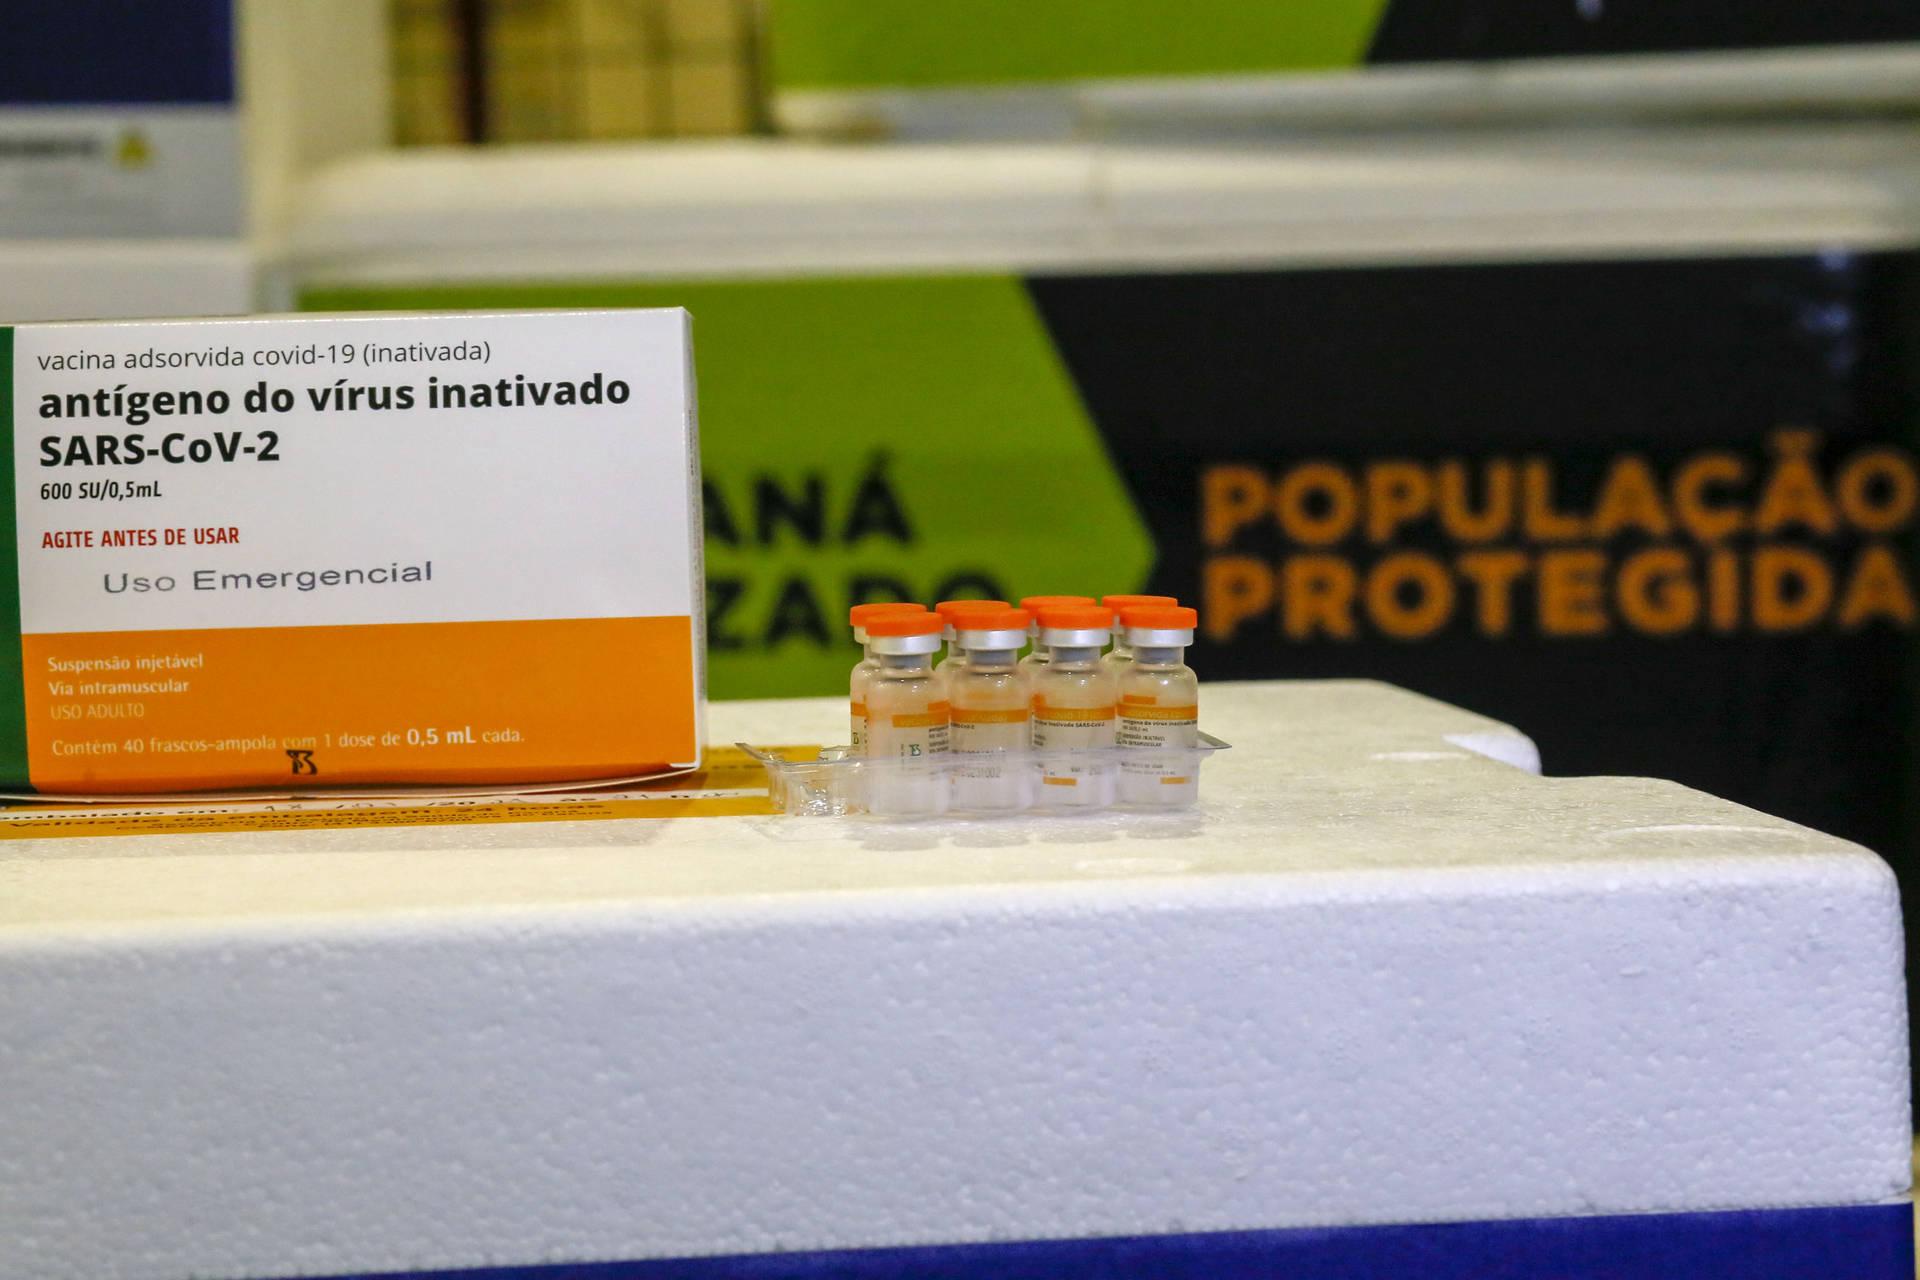 Paraná distribui terceiro lote de vacinas contra a Covid-19